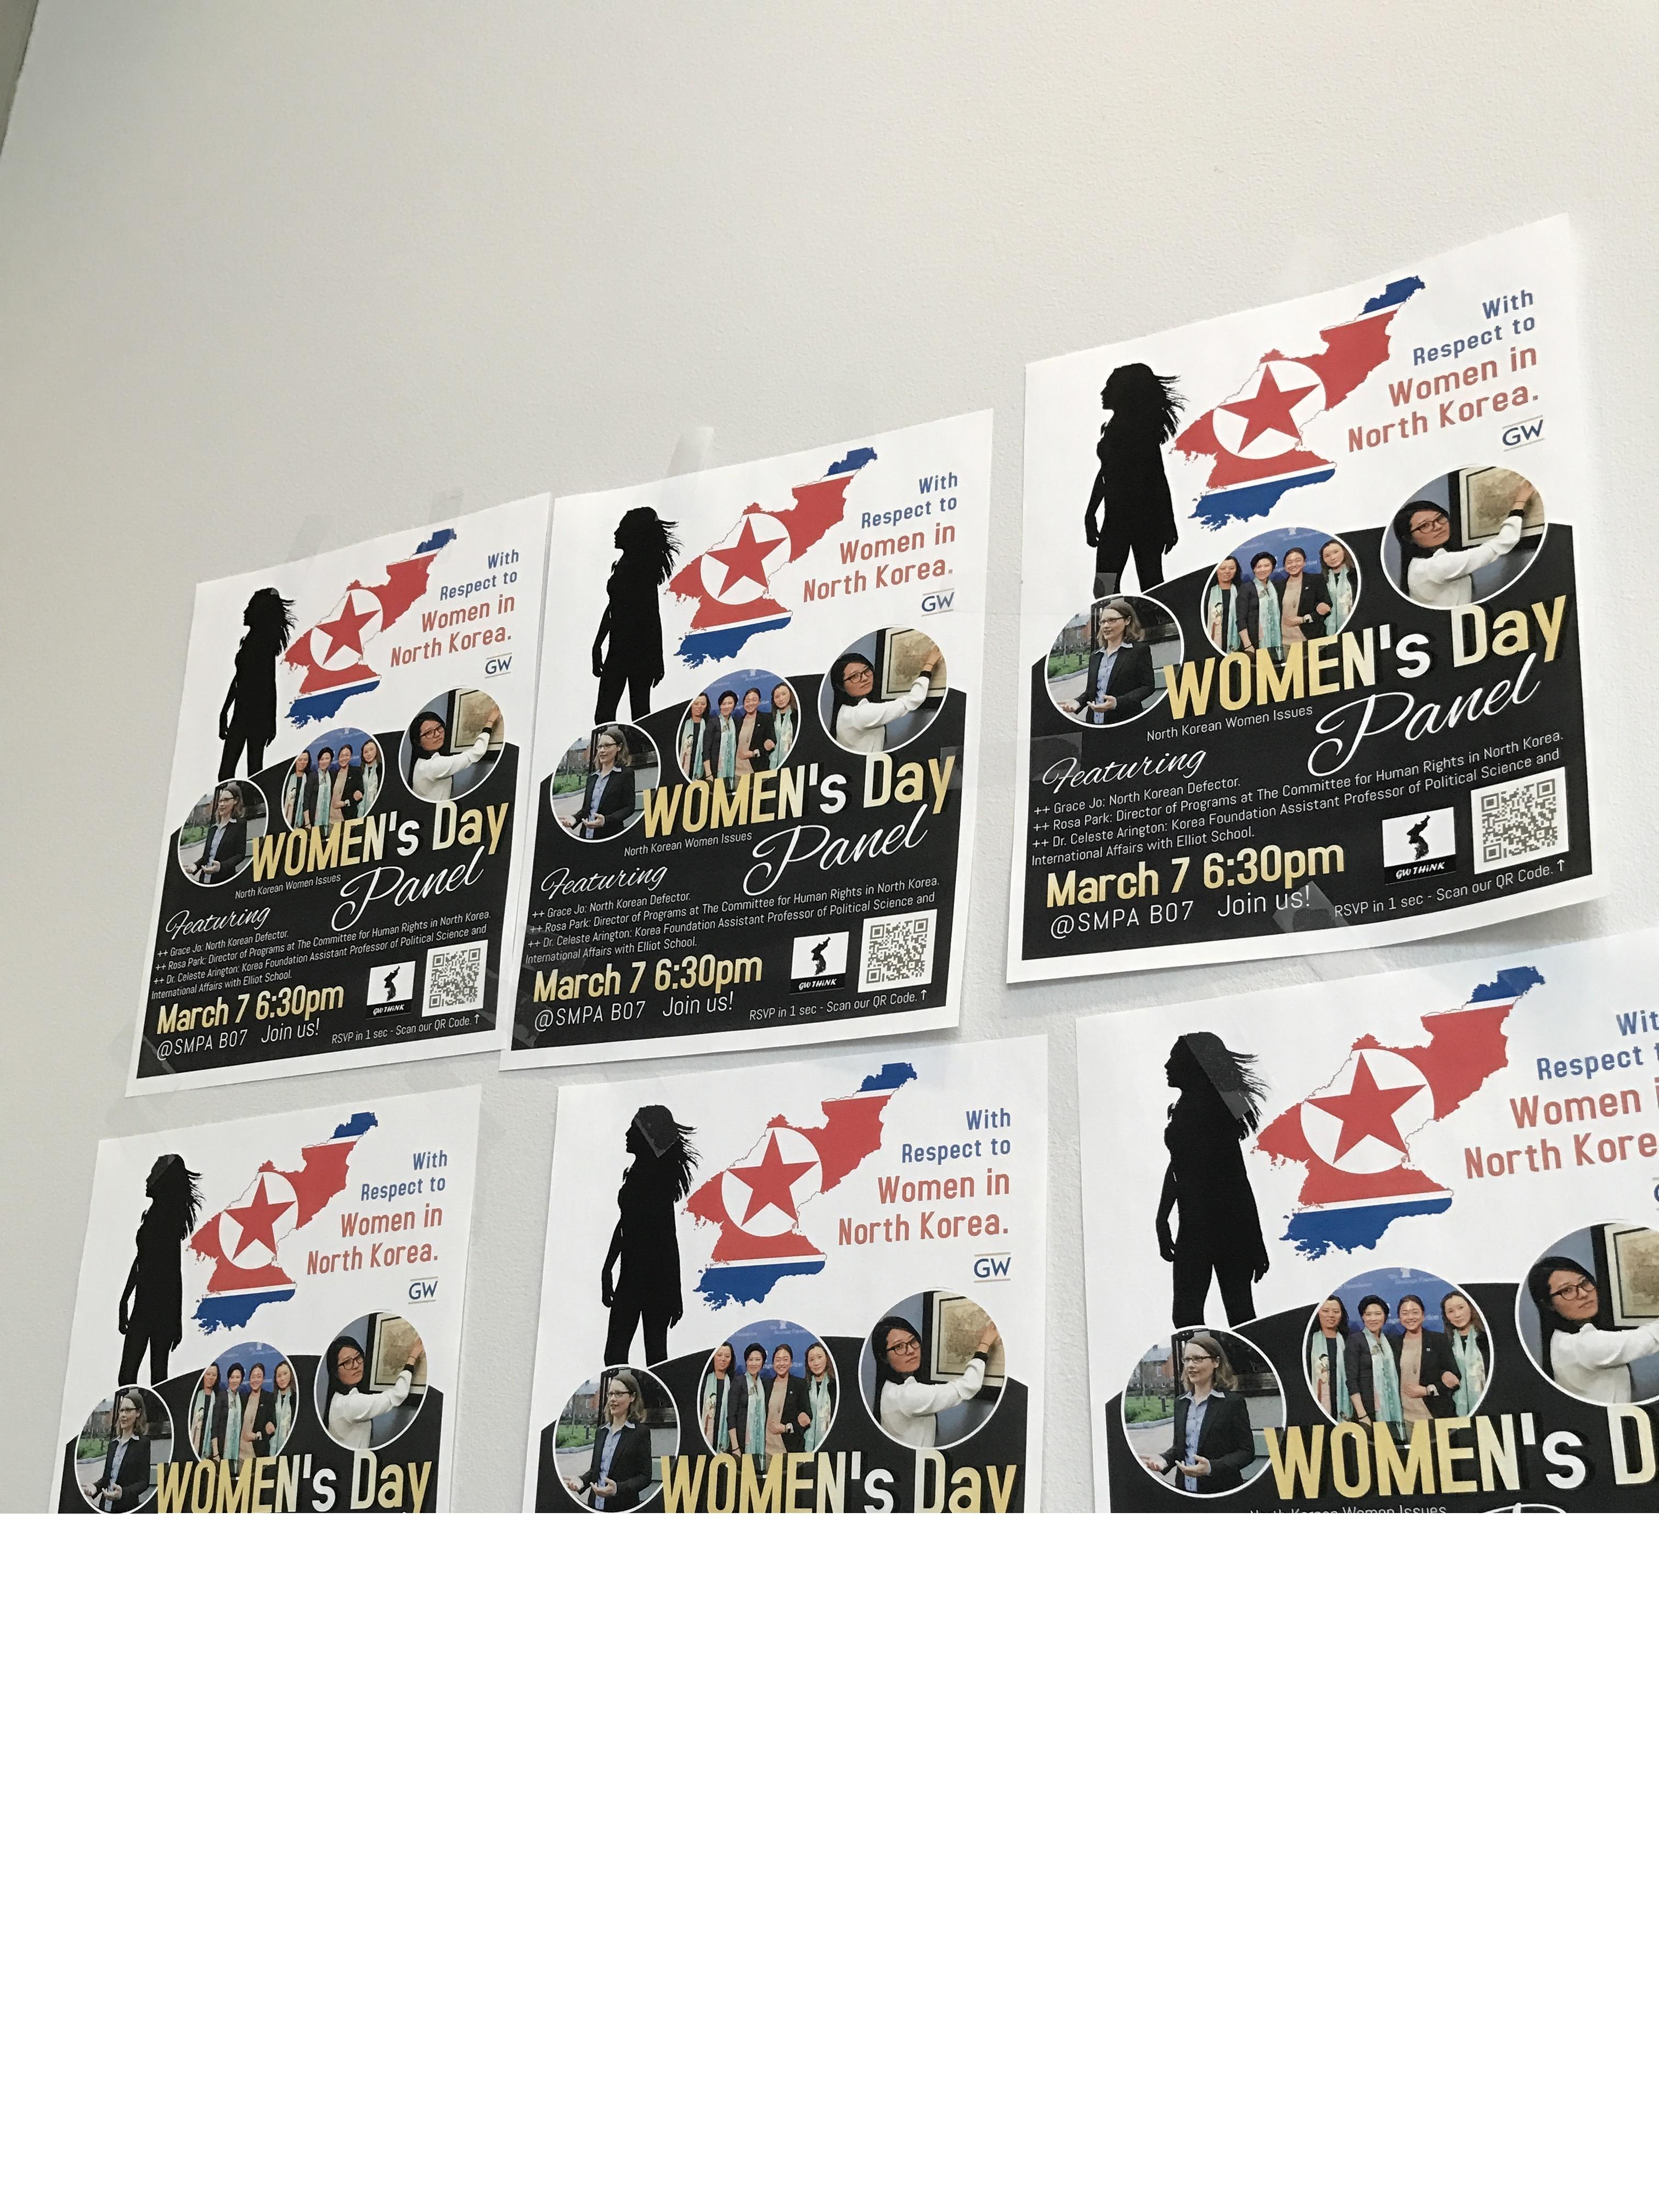 国際女性デーに合わせて北朝鮮の女性人権問題に関するイベントも(ジョージ・ワシントン大学にて)